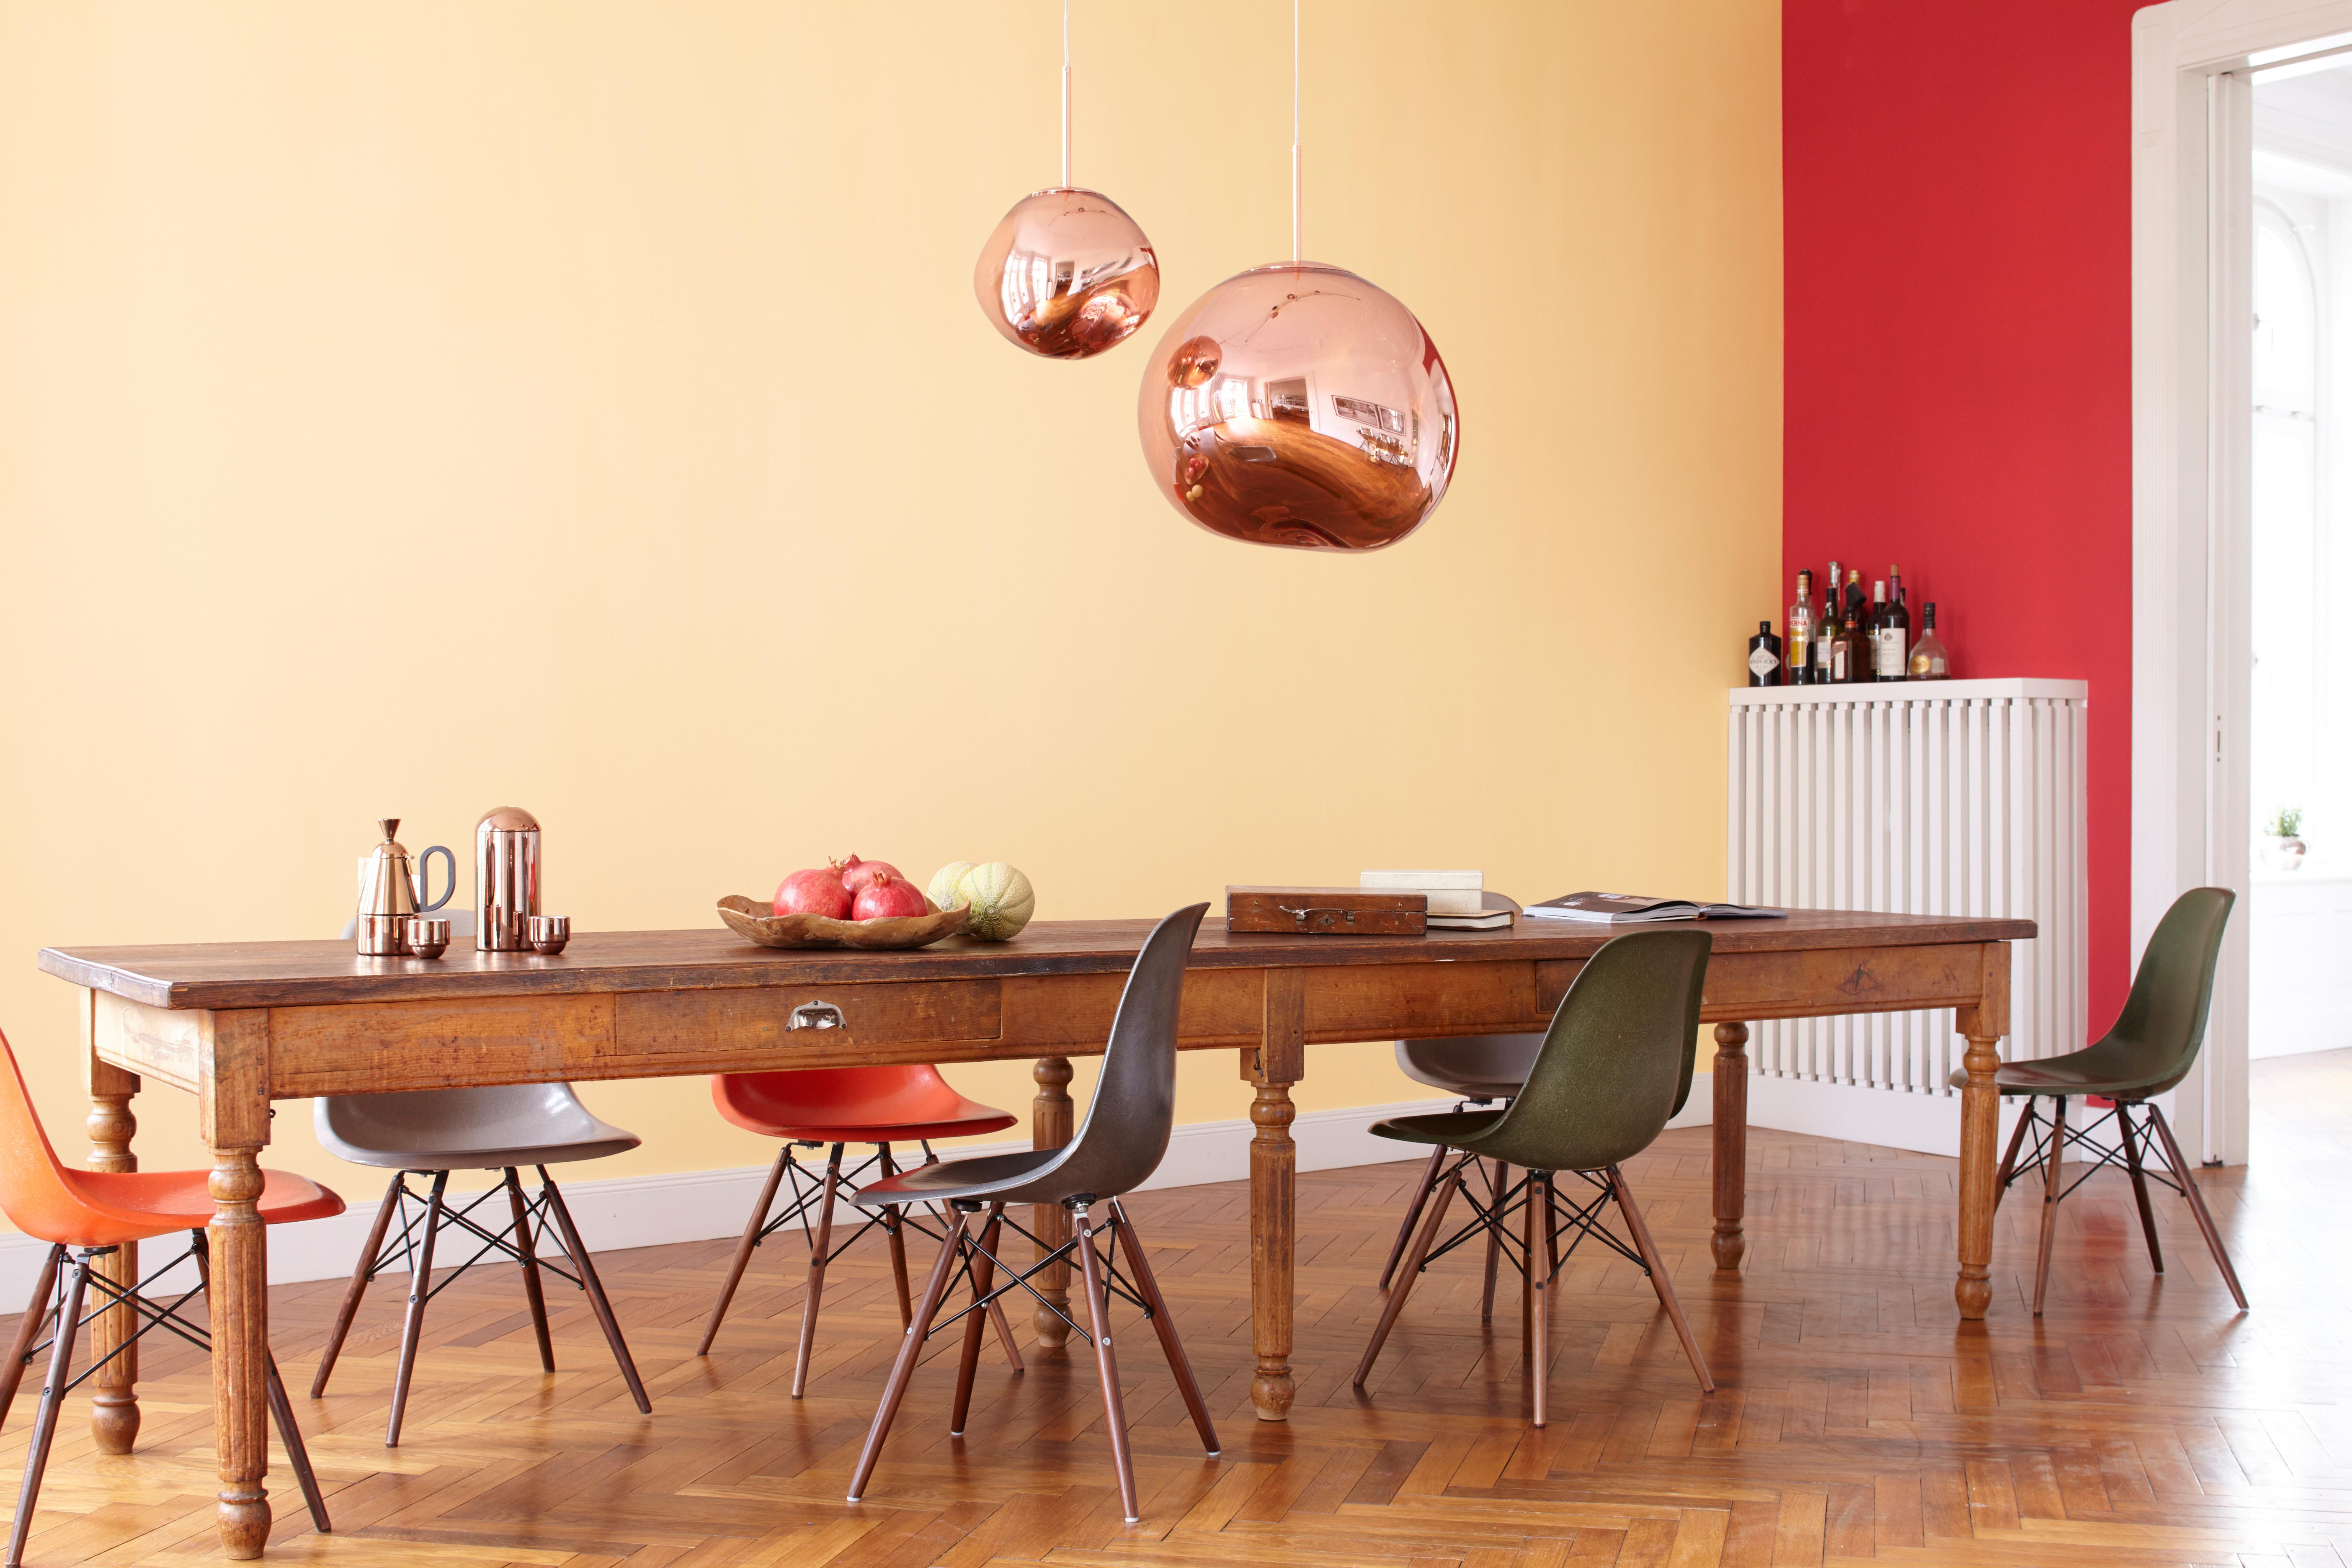 Wunderbar Warmes, Gemütliches Esszimmer Mit Holztisch Und Messinglampen Vor Einer  Orange Roten Wand In Der Alpina